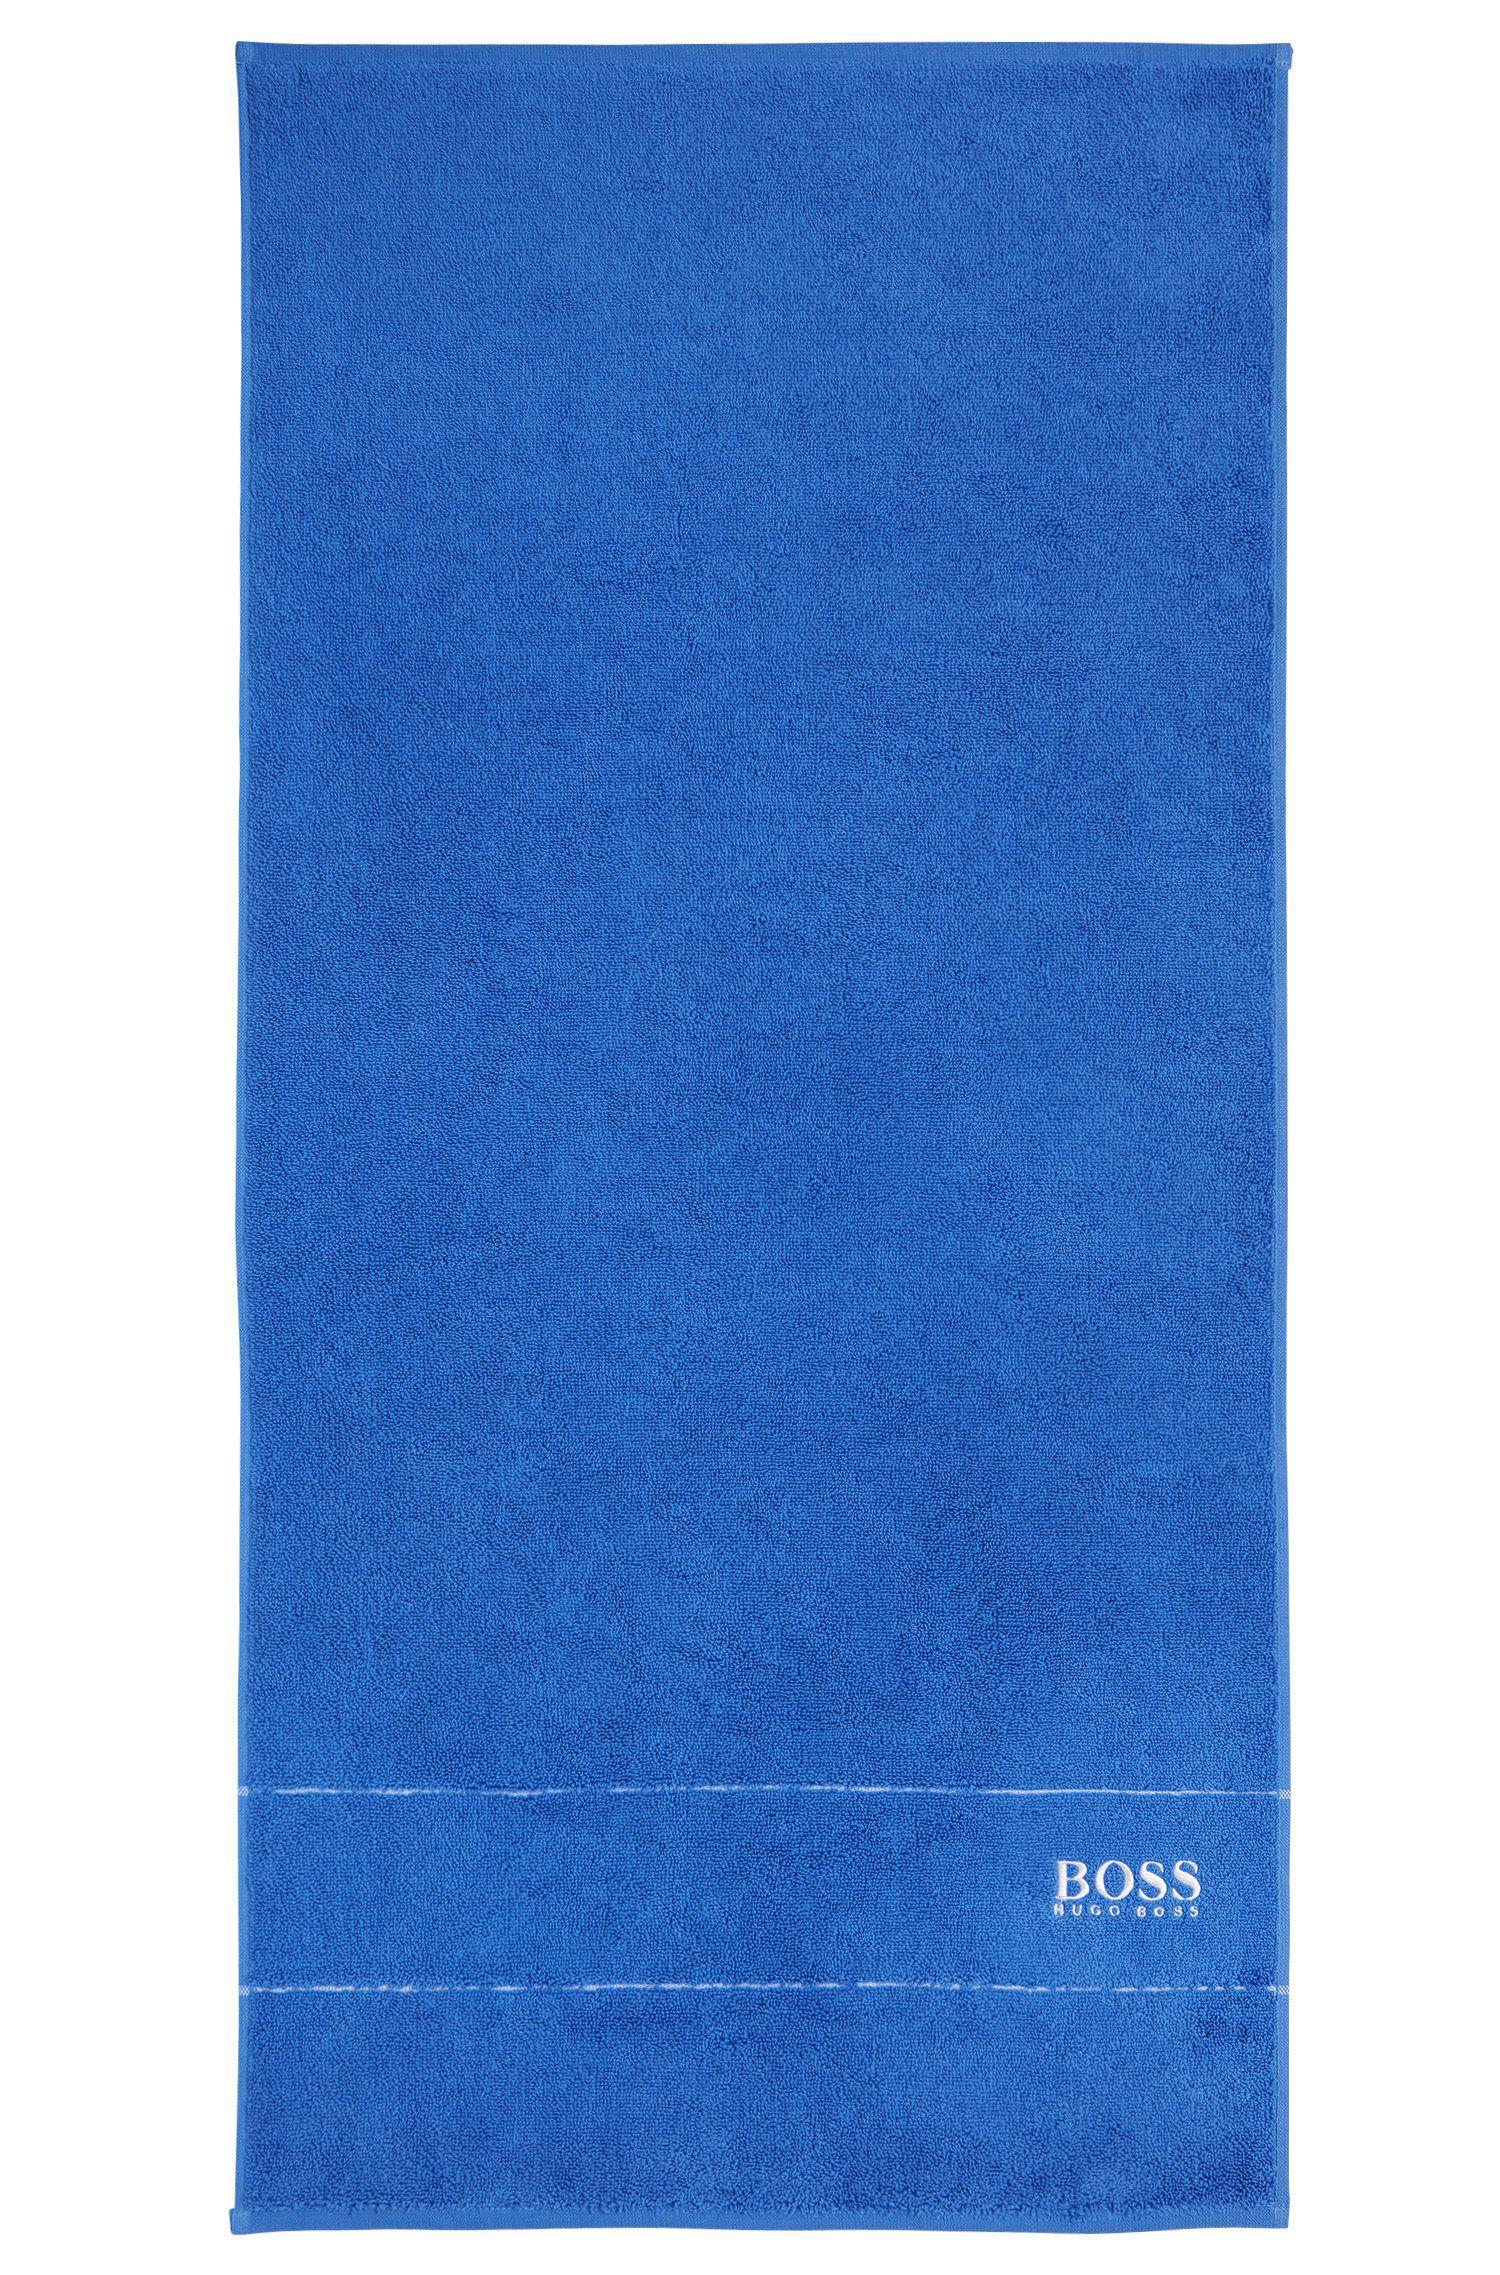 Handdoekje van de fijnste Egyptische katoen met rand met logo, Assorted-Pre-Pack